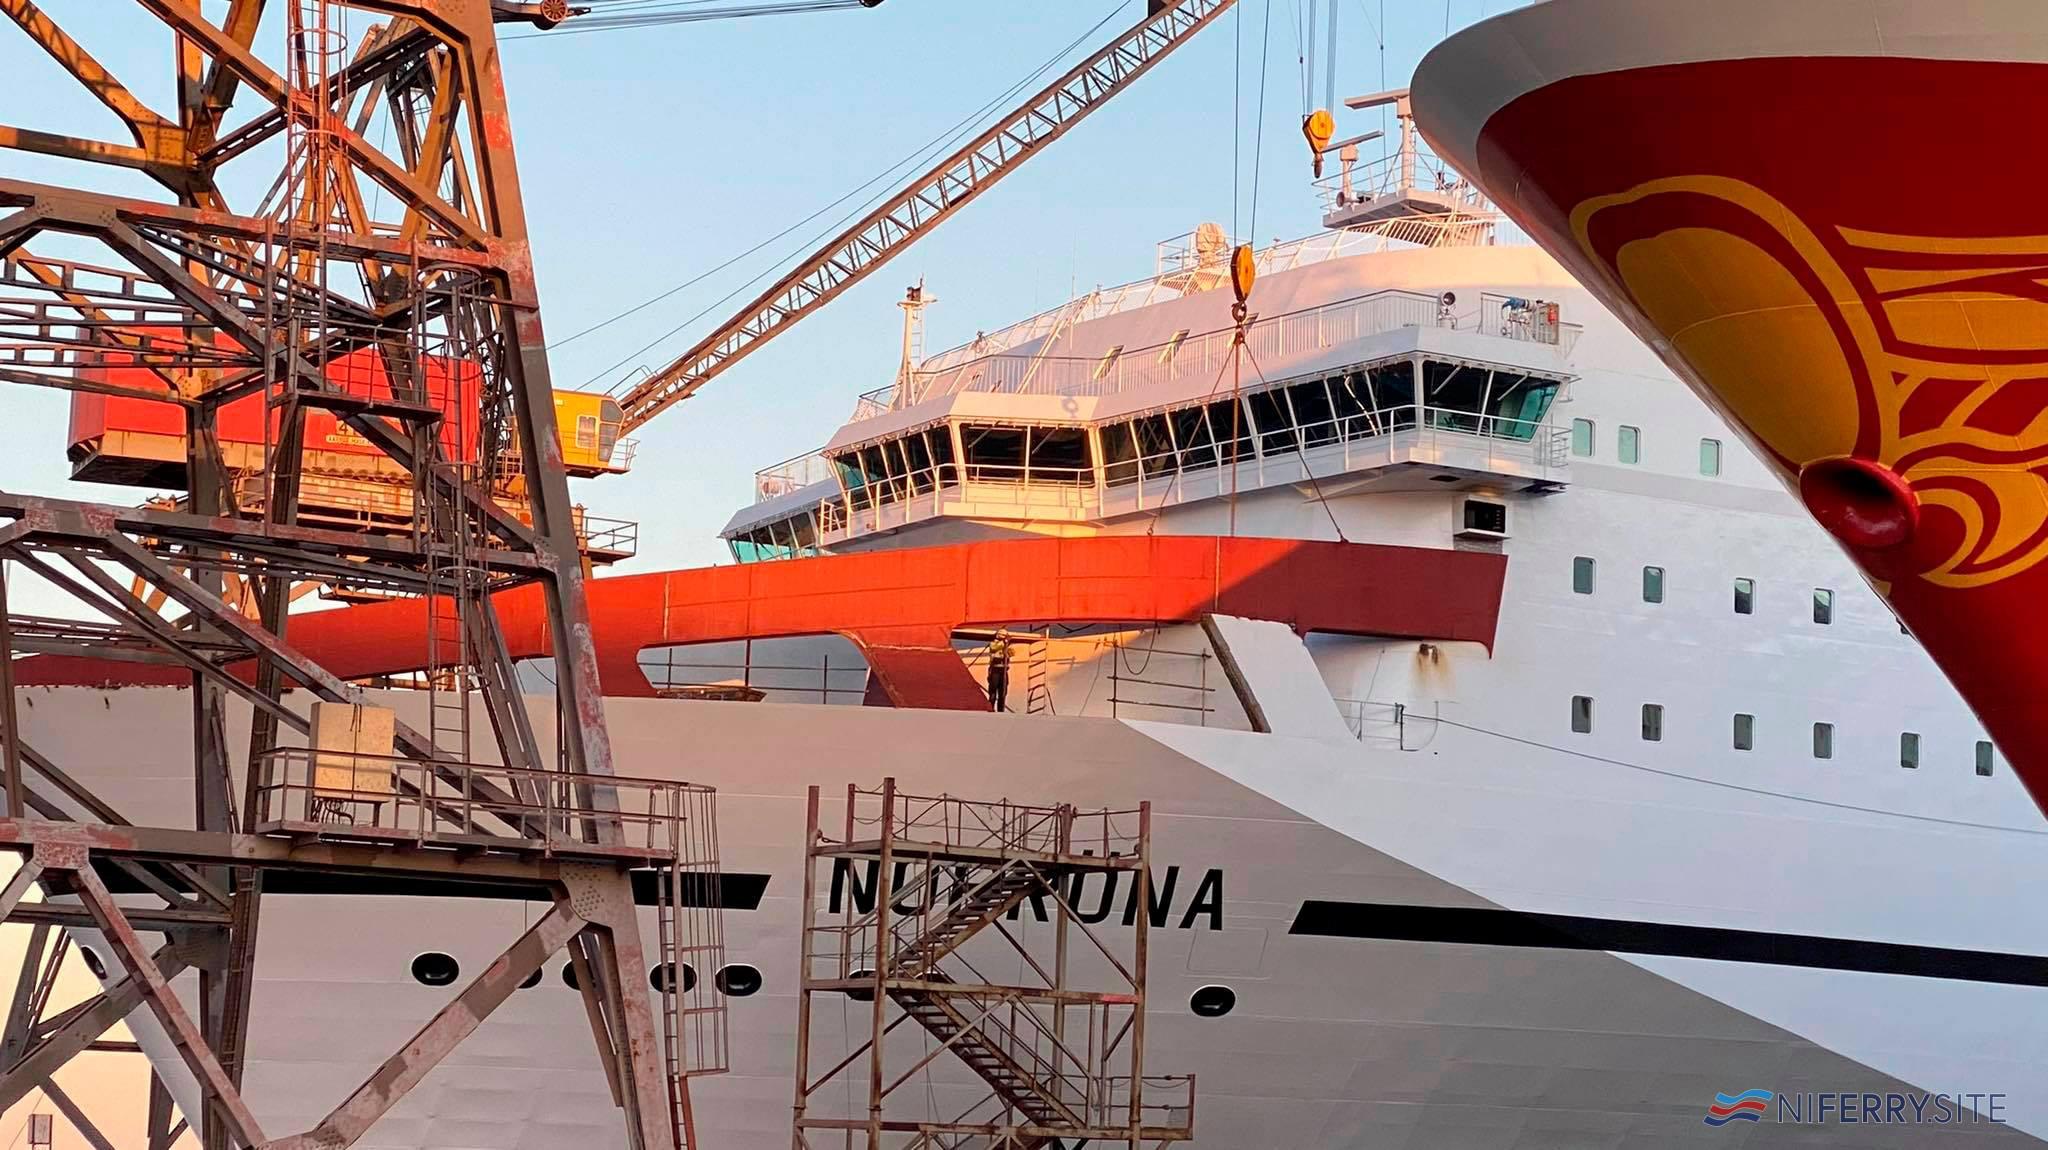 New structural work on NORRÖNA. Image: Smyril Line Facebook